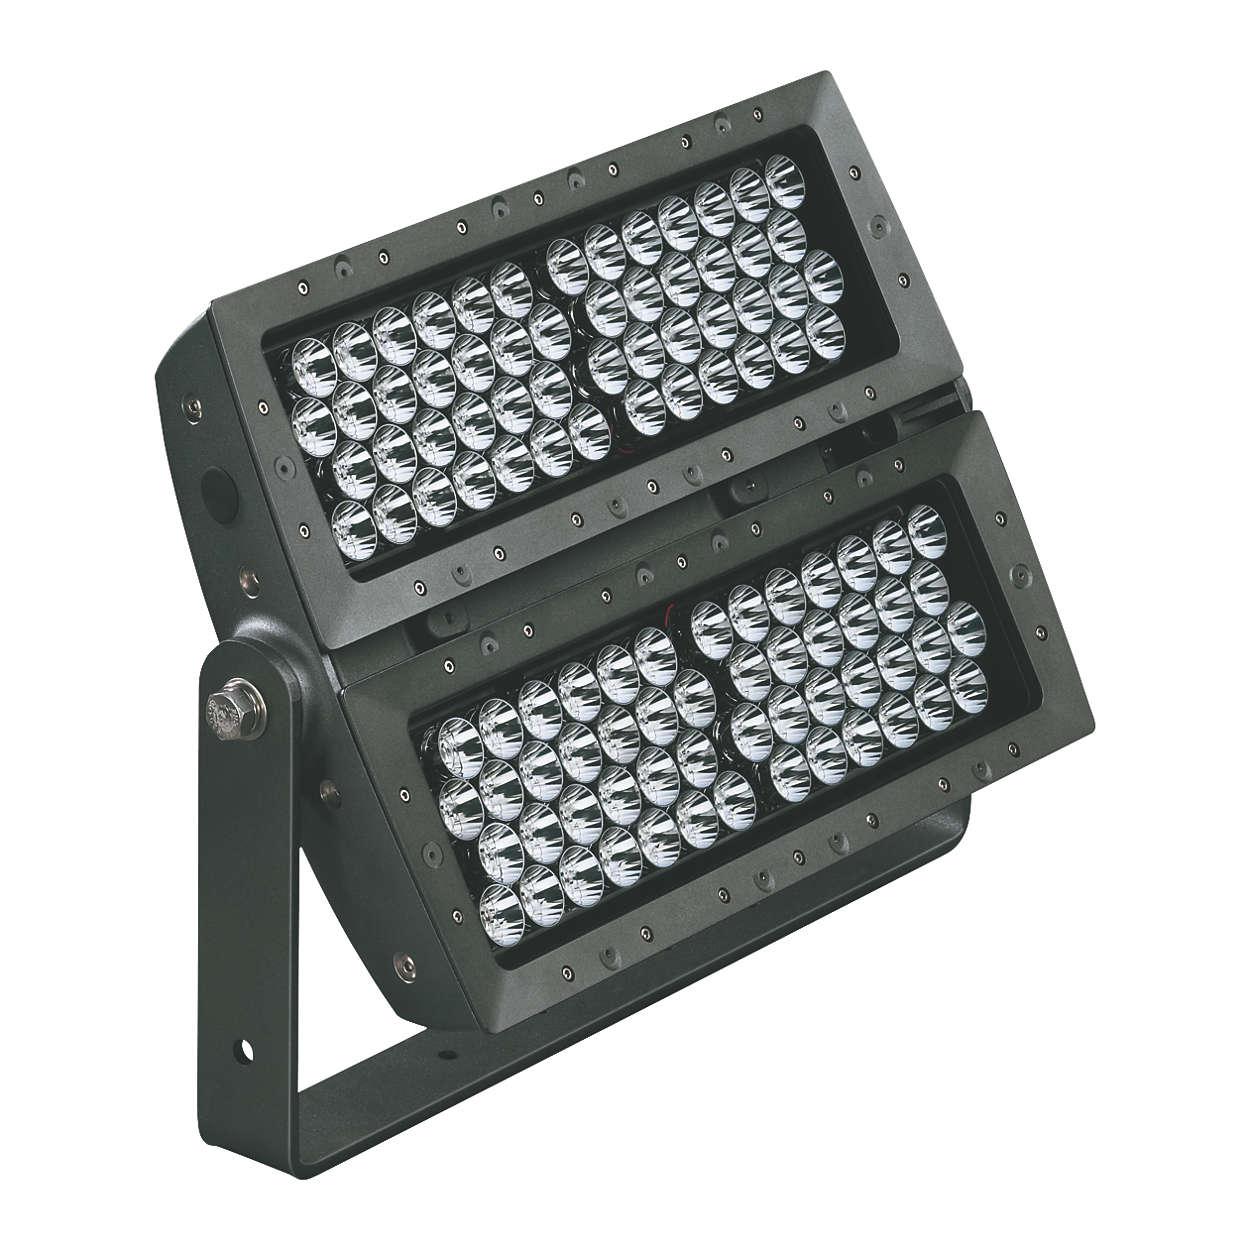 eColor Reach Powercore – exklusiv kompakt LED-strålkastare med intelligent färgat ljus och lång räckvidd